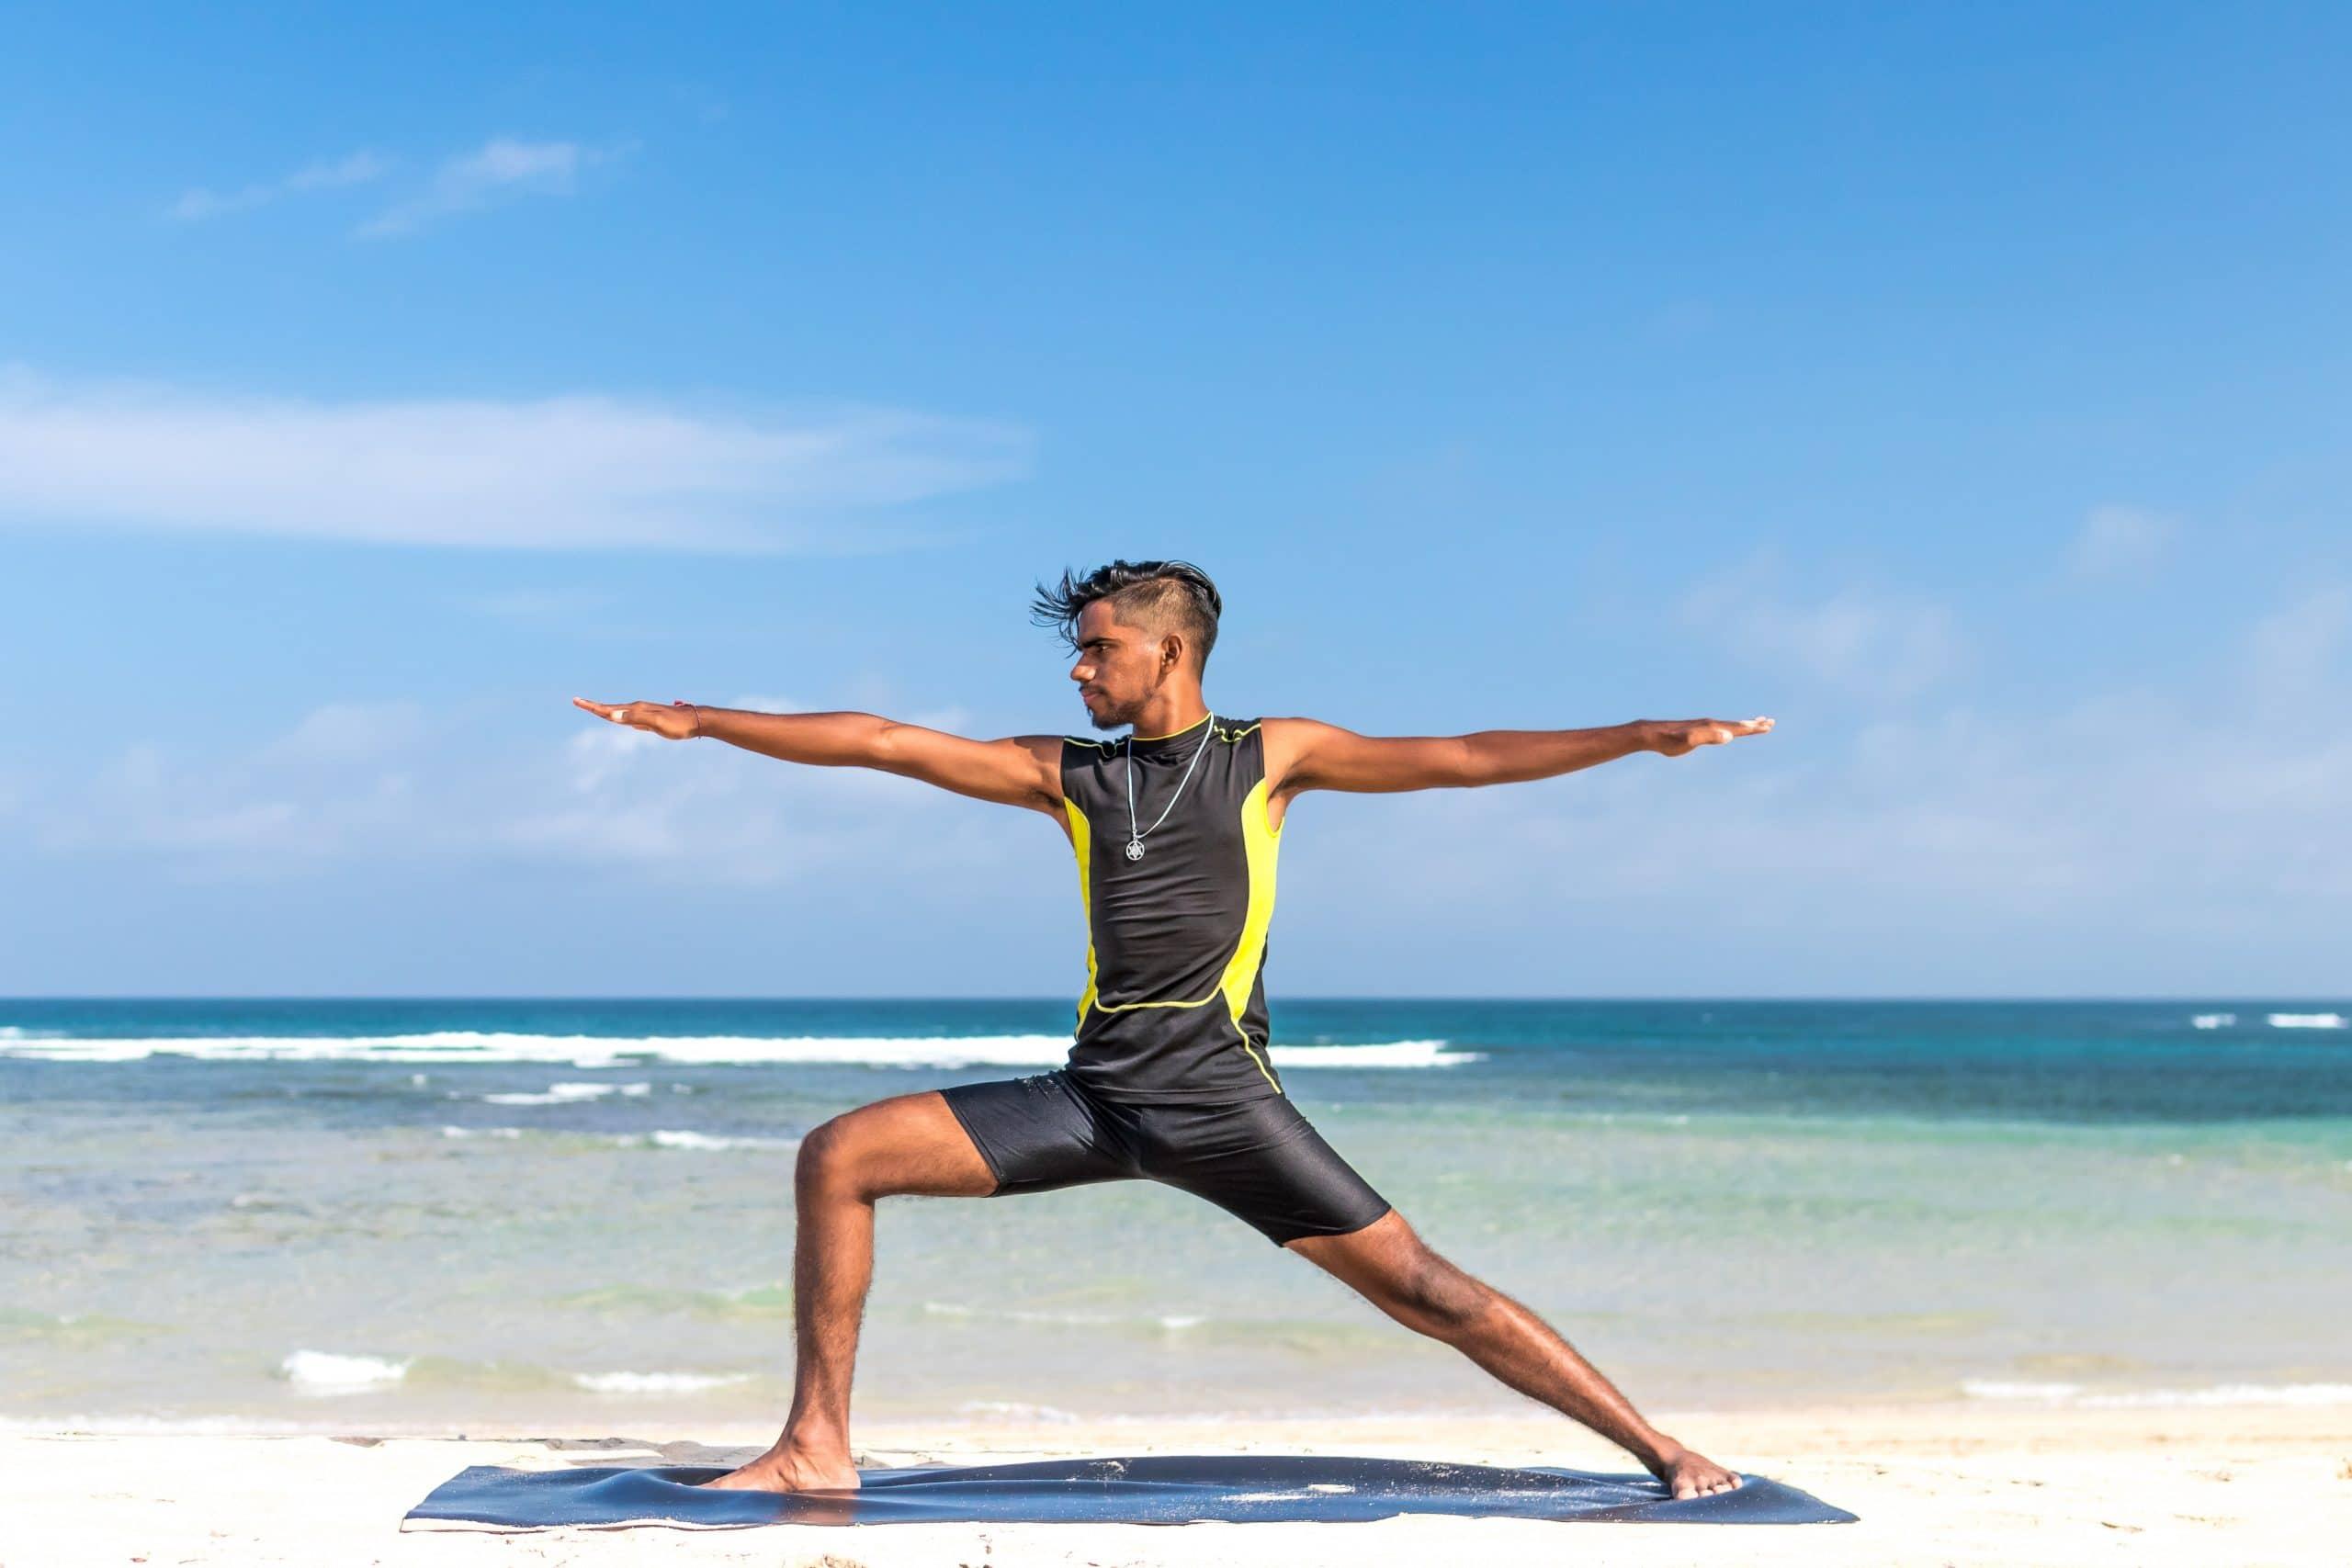 Surfista praticando Yoga na praia. Ele é moreno e usa roupa específica para surf.